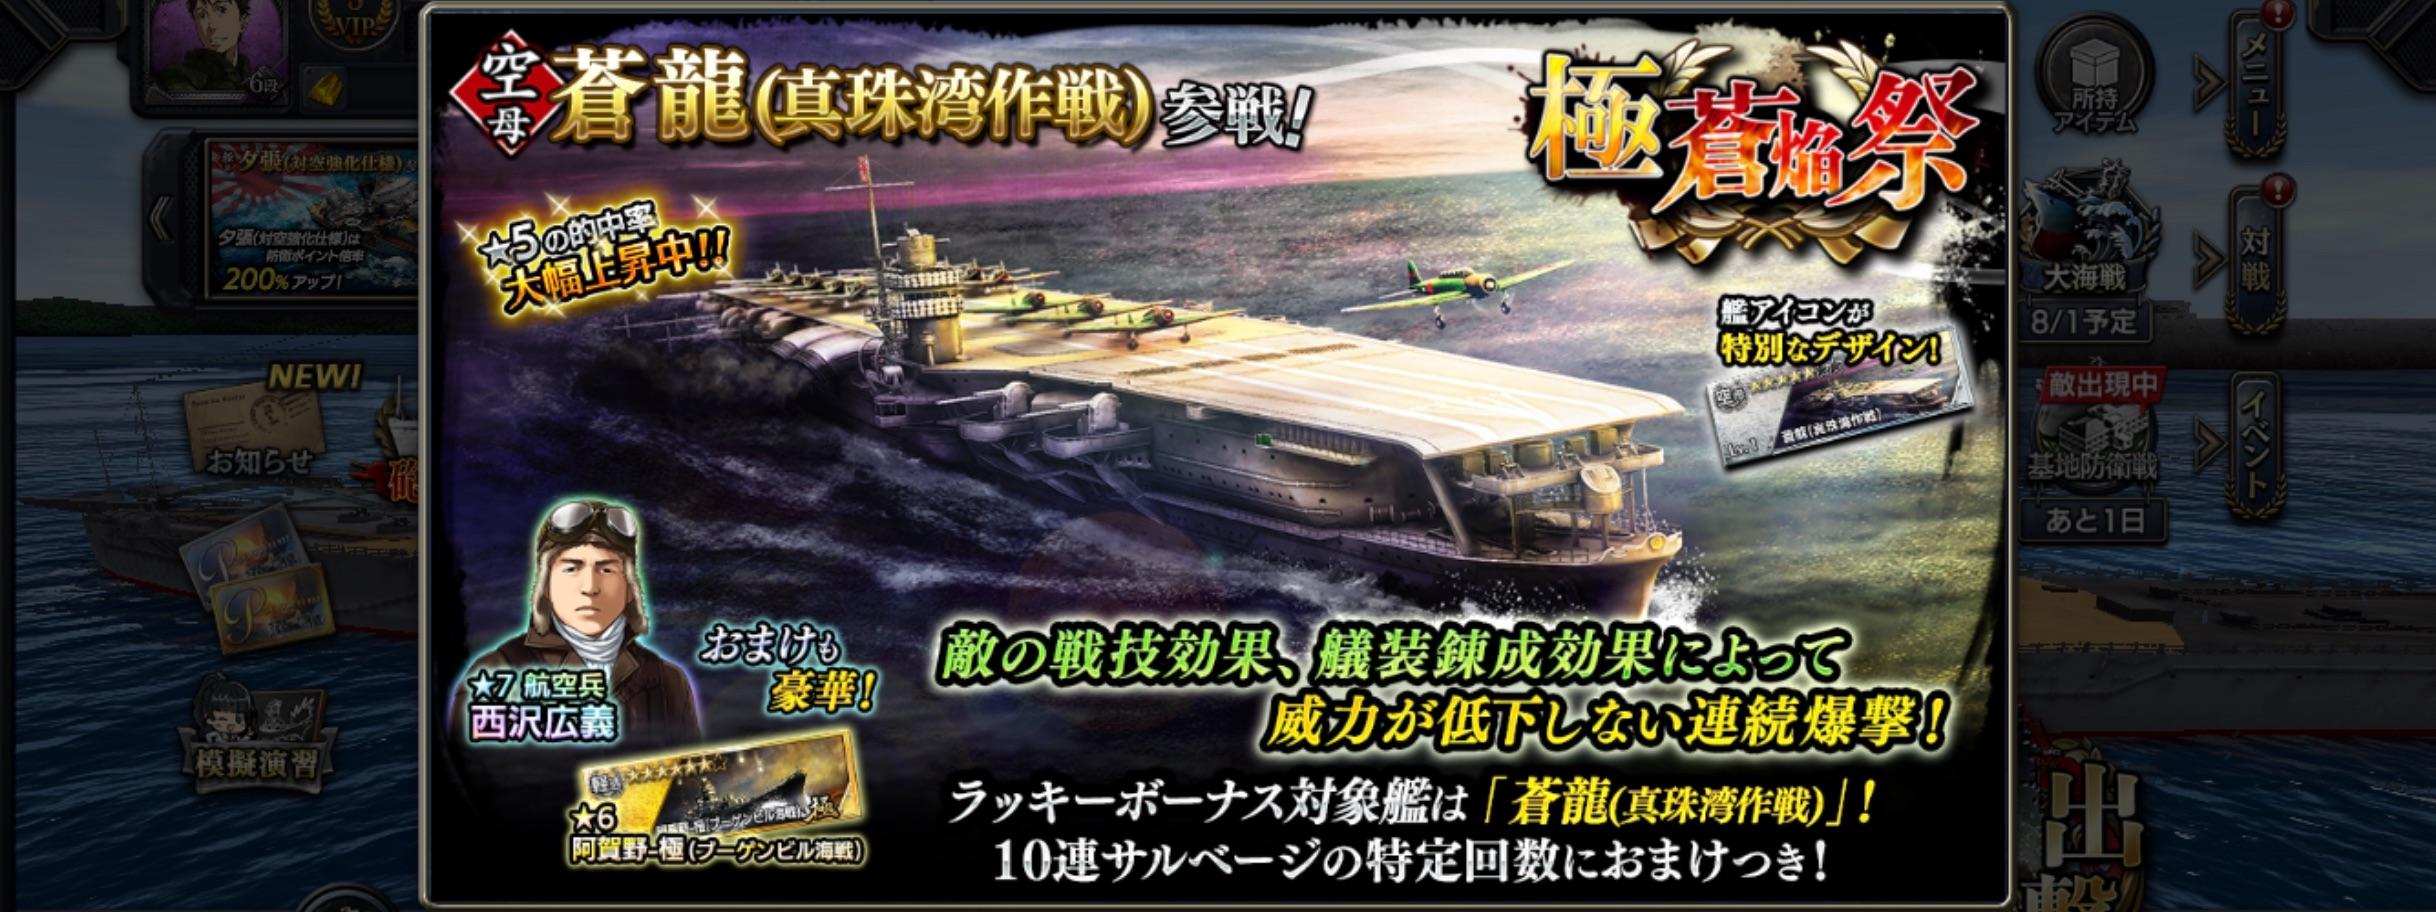 aircraft-carrier:HiryūN